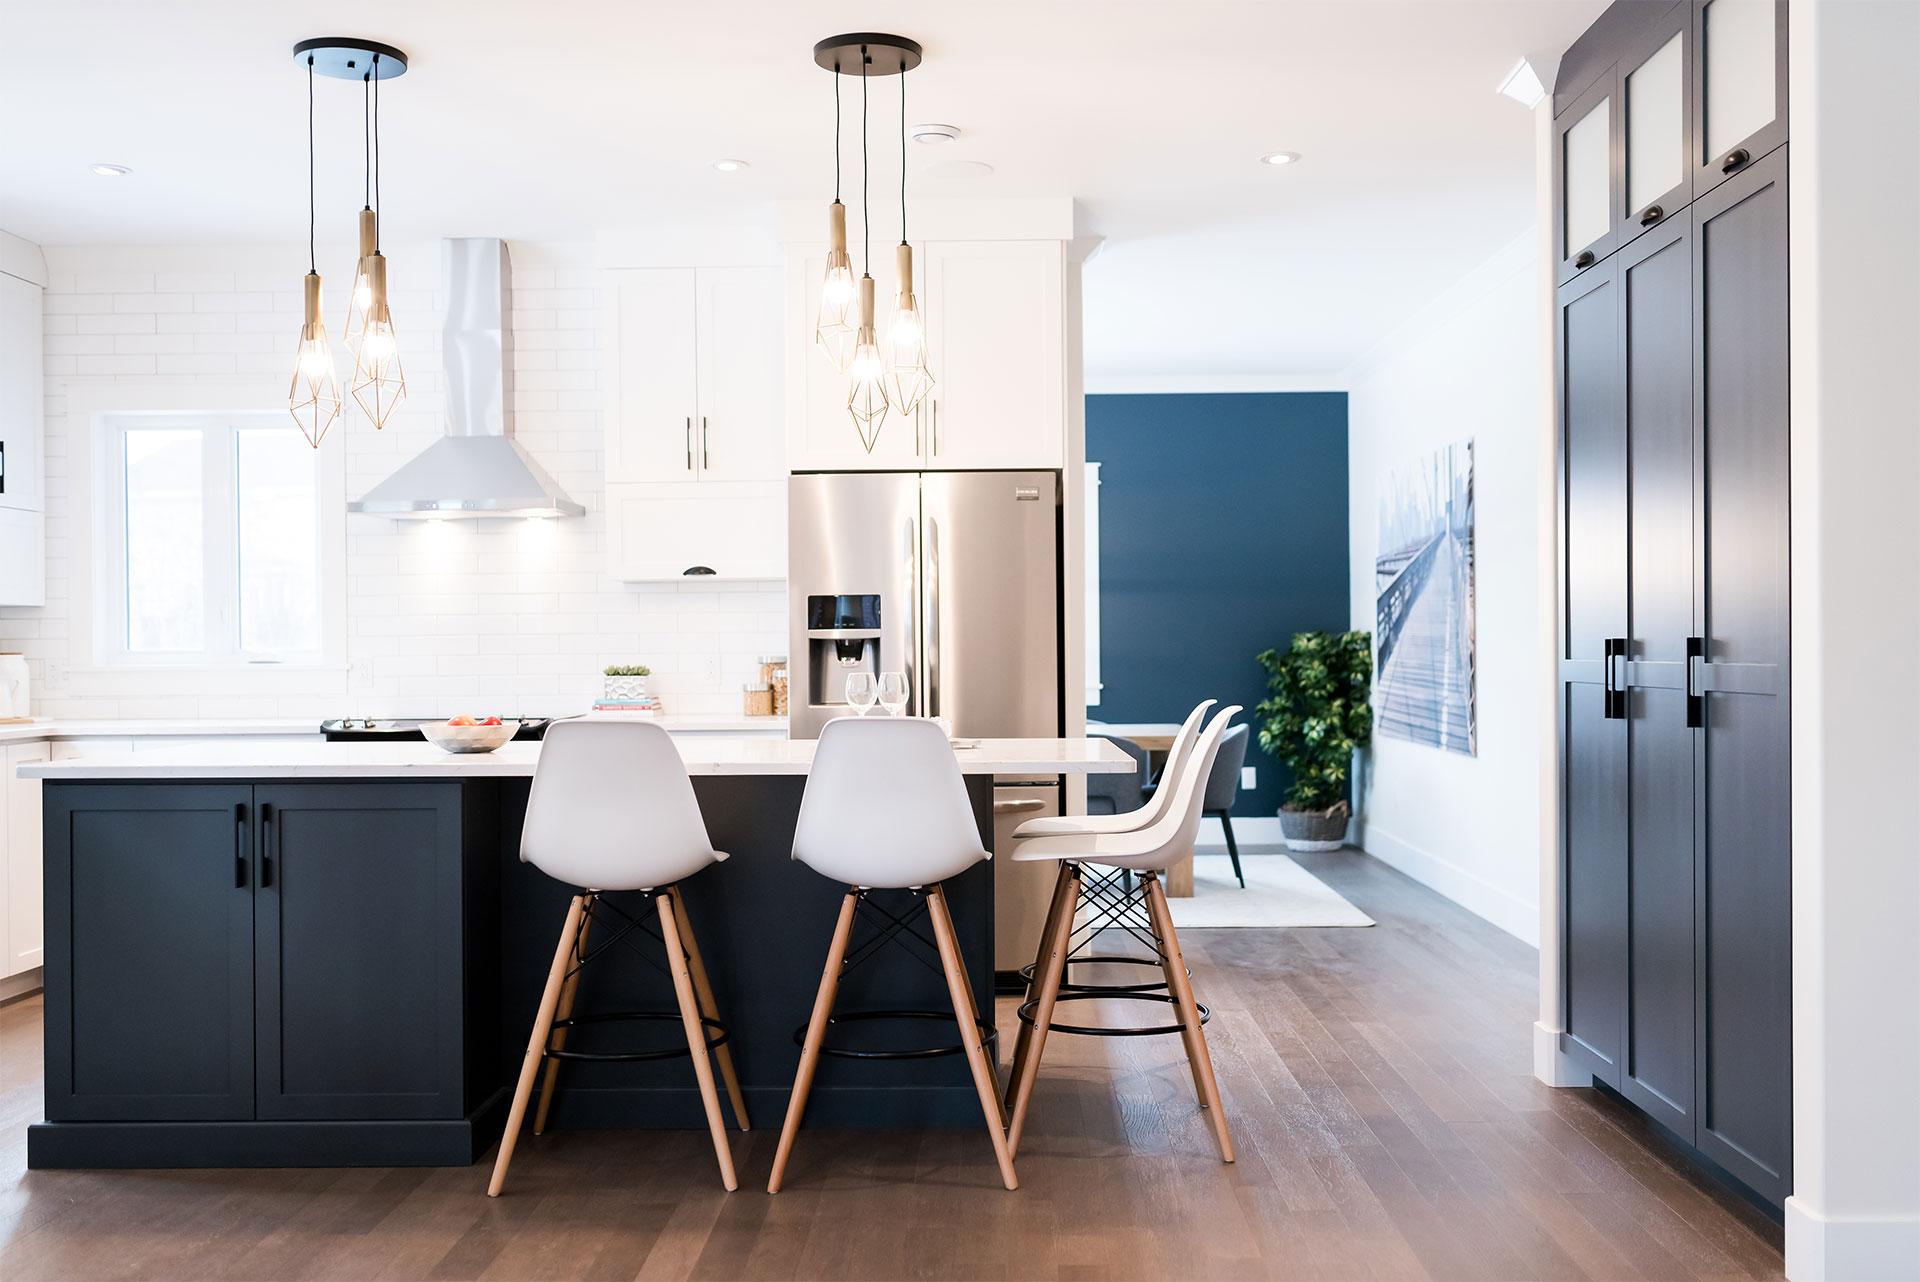 estates-clovelly-st-johns-model-home-2-1.jpg